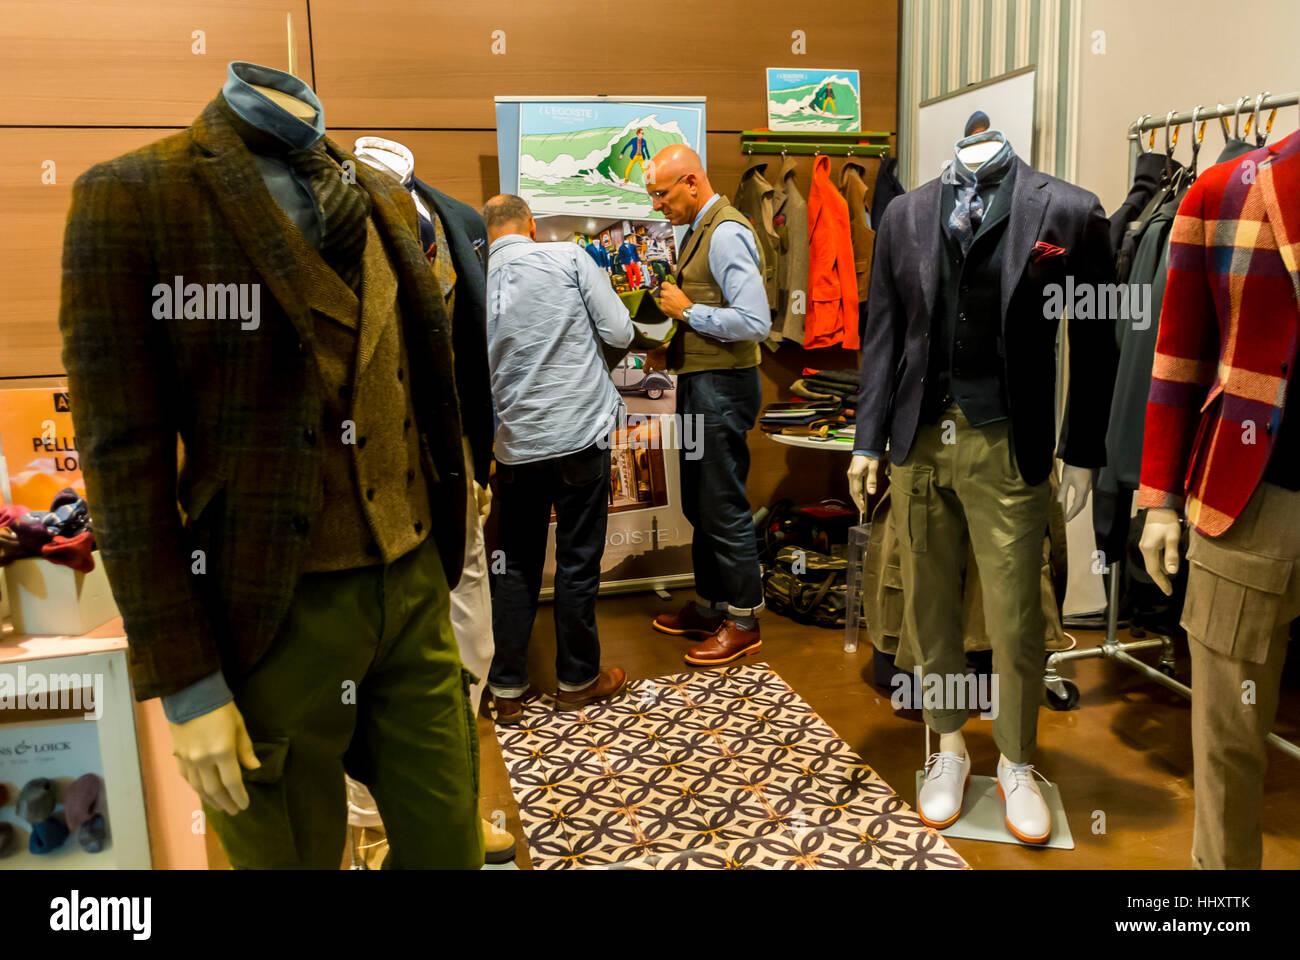 Clothes Trade Show Stock Photos Clothes Trade Show Stock Images